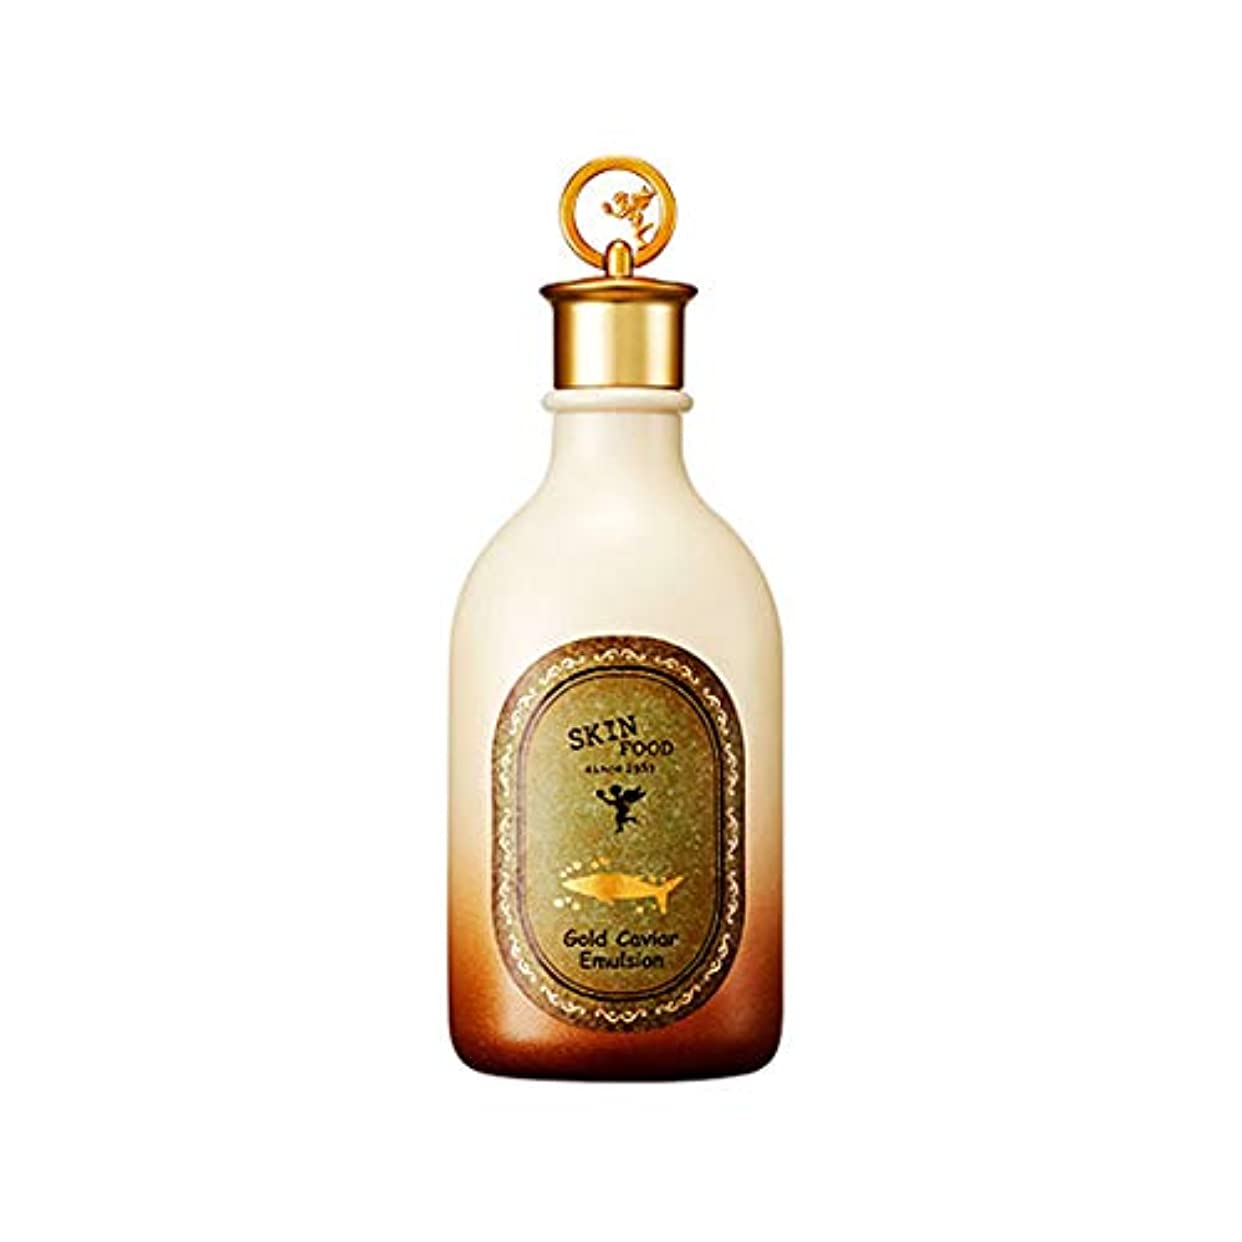 治安判事けん引元気Skinfood ゴールドキャビアエマルジョン(しわケア) / Gold Caviar Emulsion (Wrinkle care) 145ml [並行輸入品]